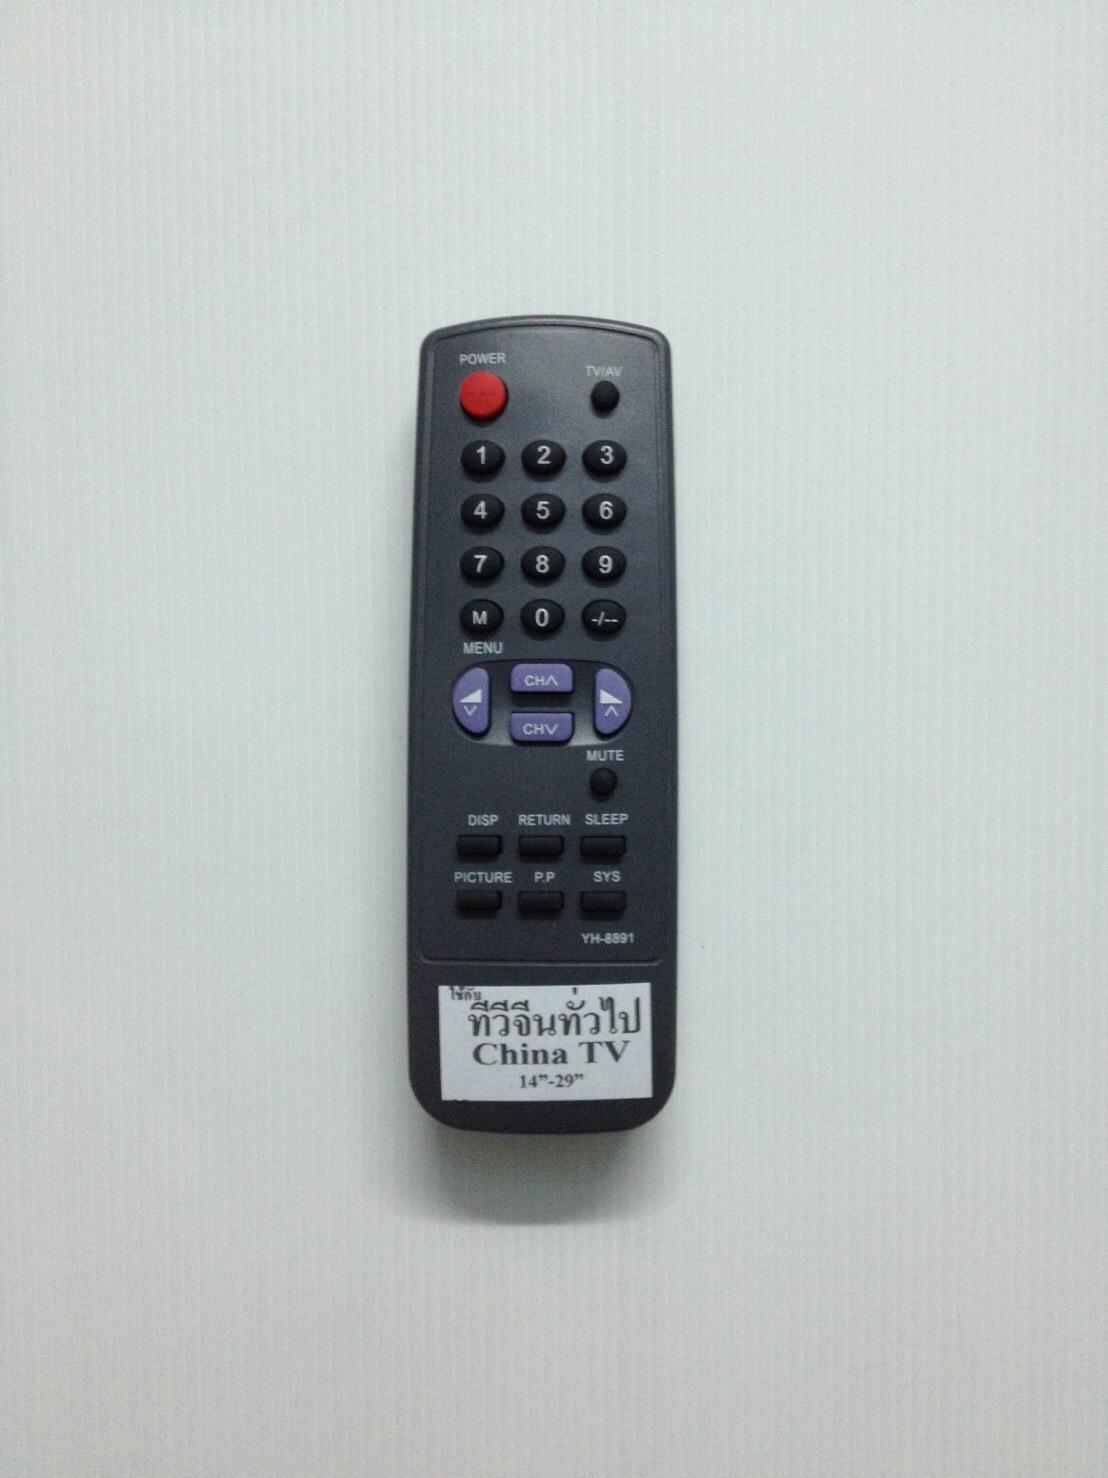 รีโมททีวีจีนทั่วไป YH-8891 ลงหลายยี่ห้อ